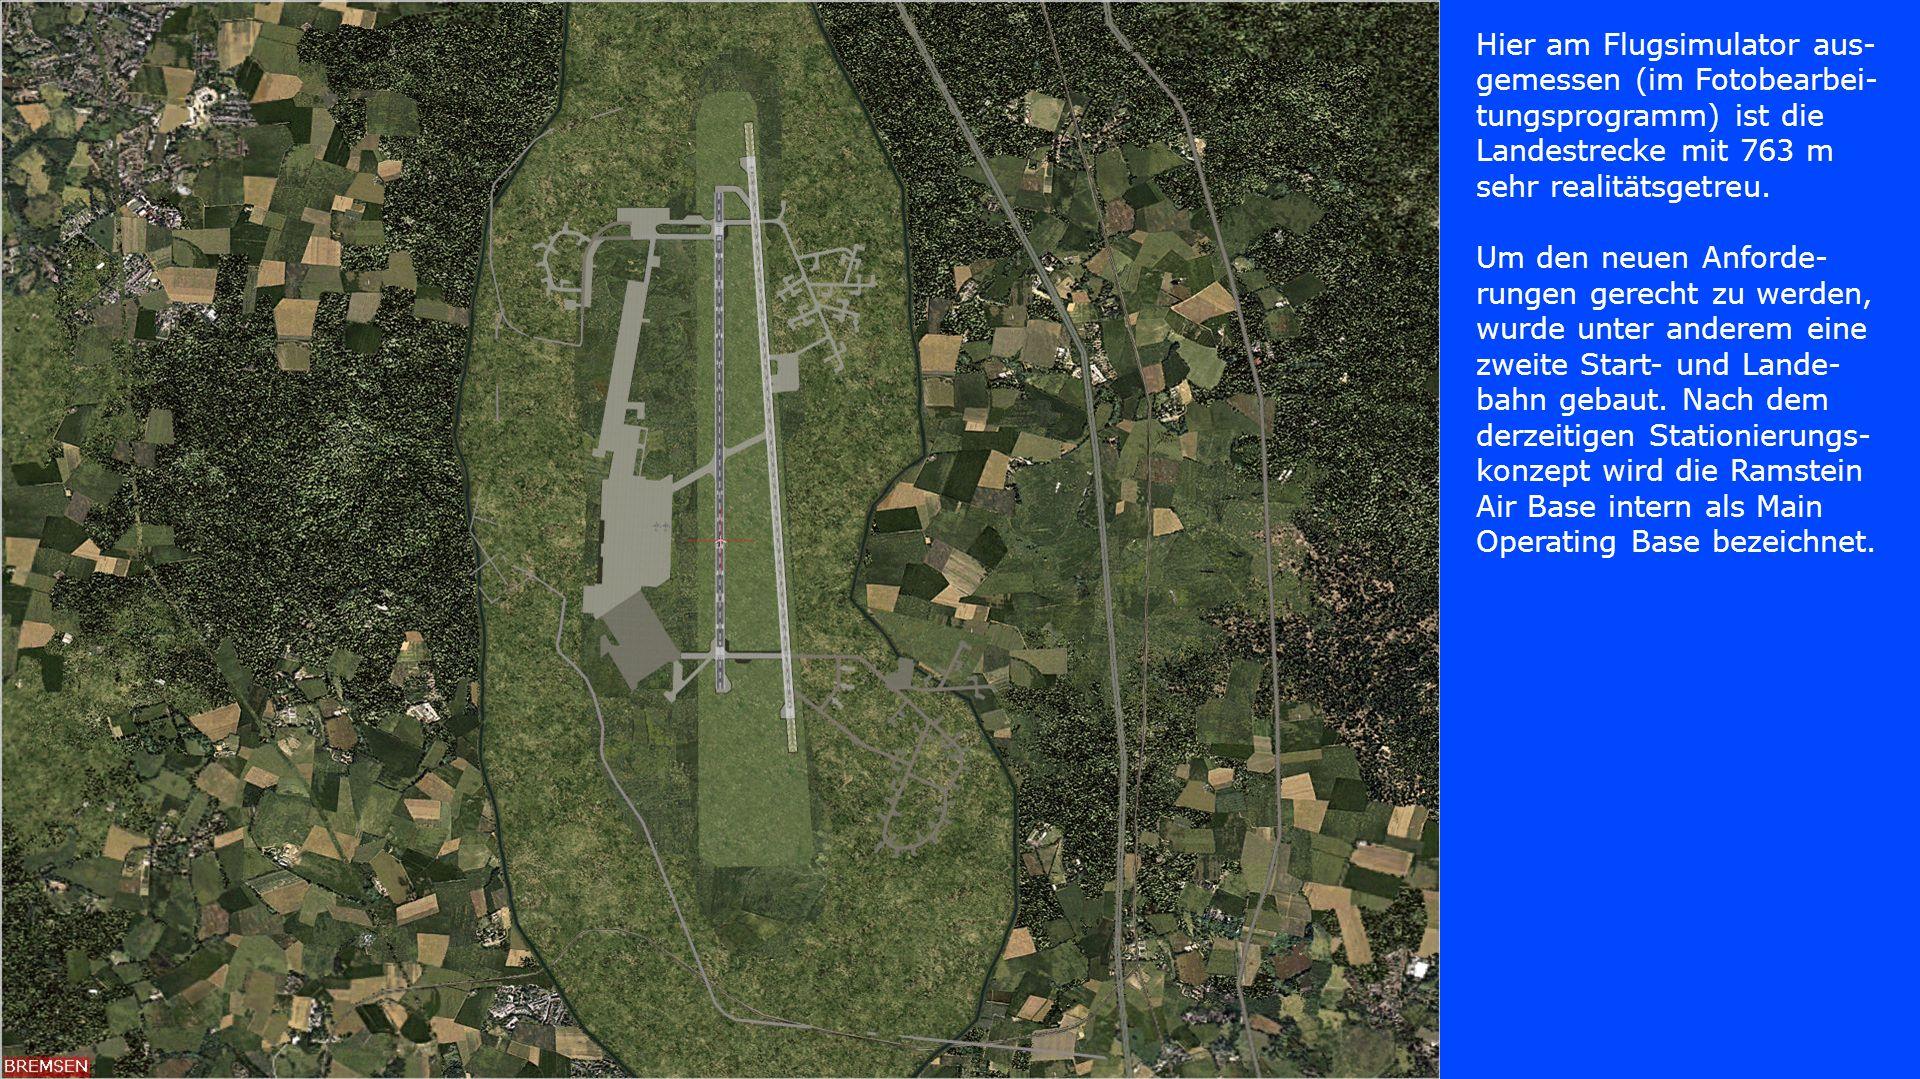 Hier am Flugsimulator aus-gemessen (im Fotobearbei-tungsprogramm) ist die Landestrecke mit 763 m sehr realitätsgetreu.